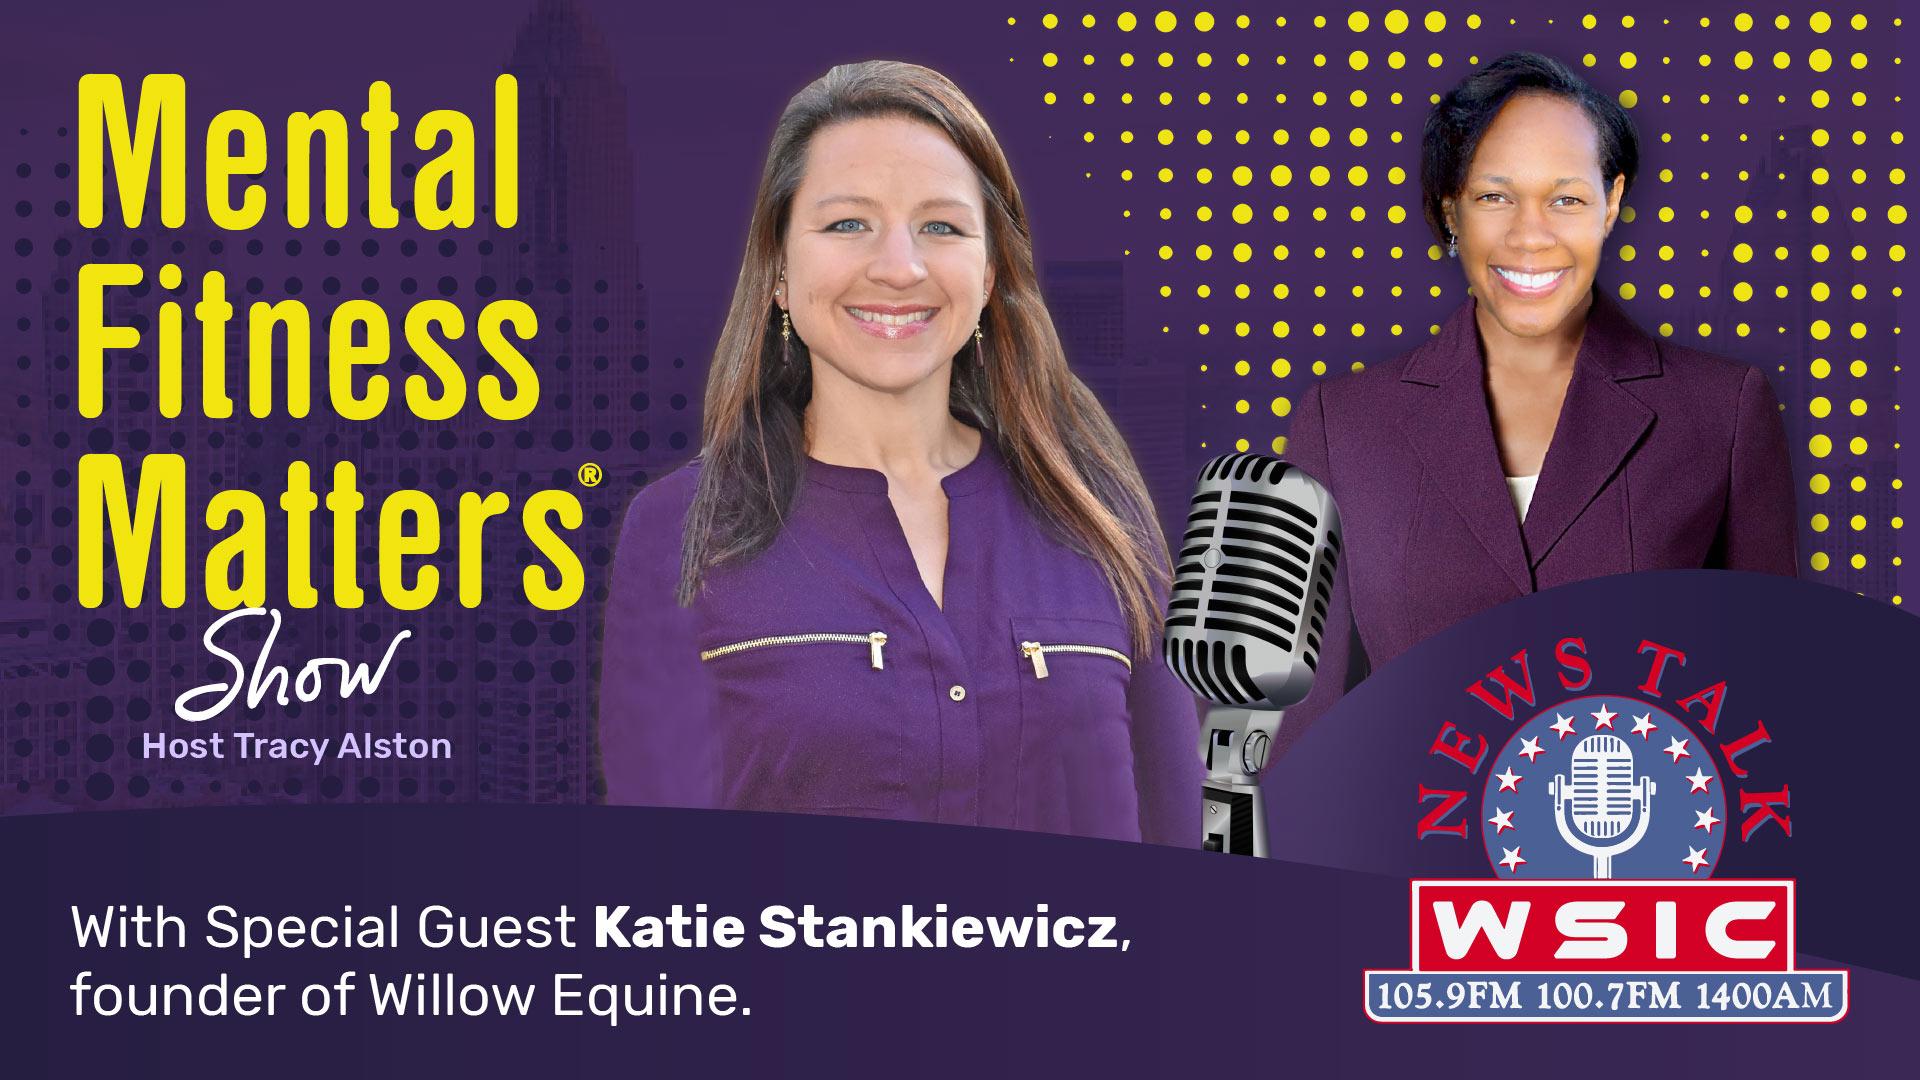 Katie Stankiewicz at mental fitness matters